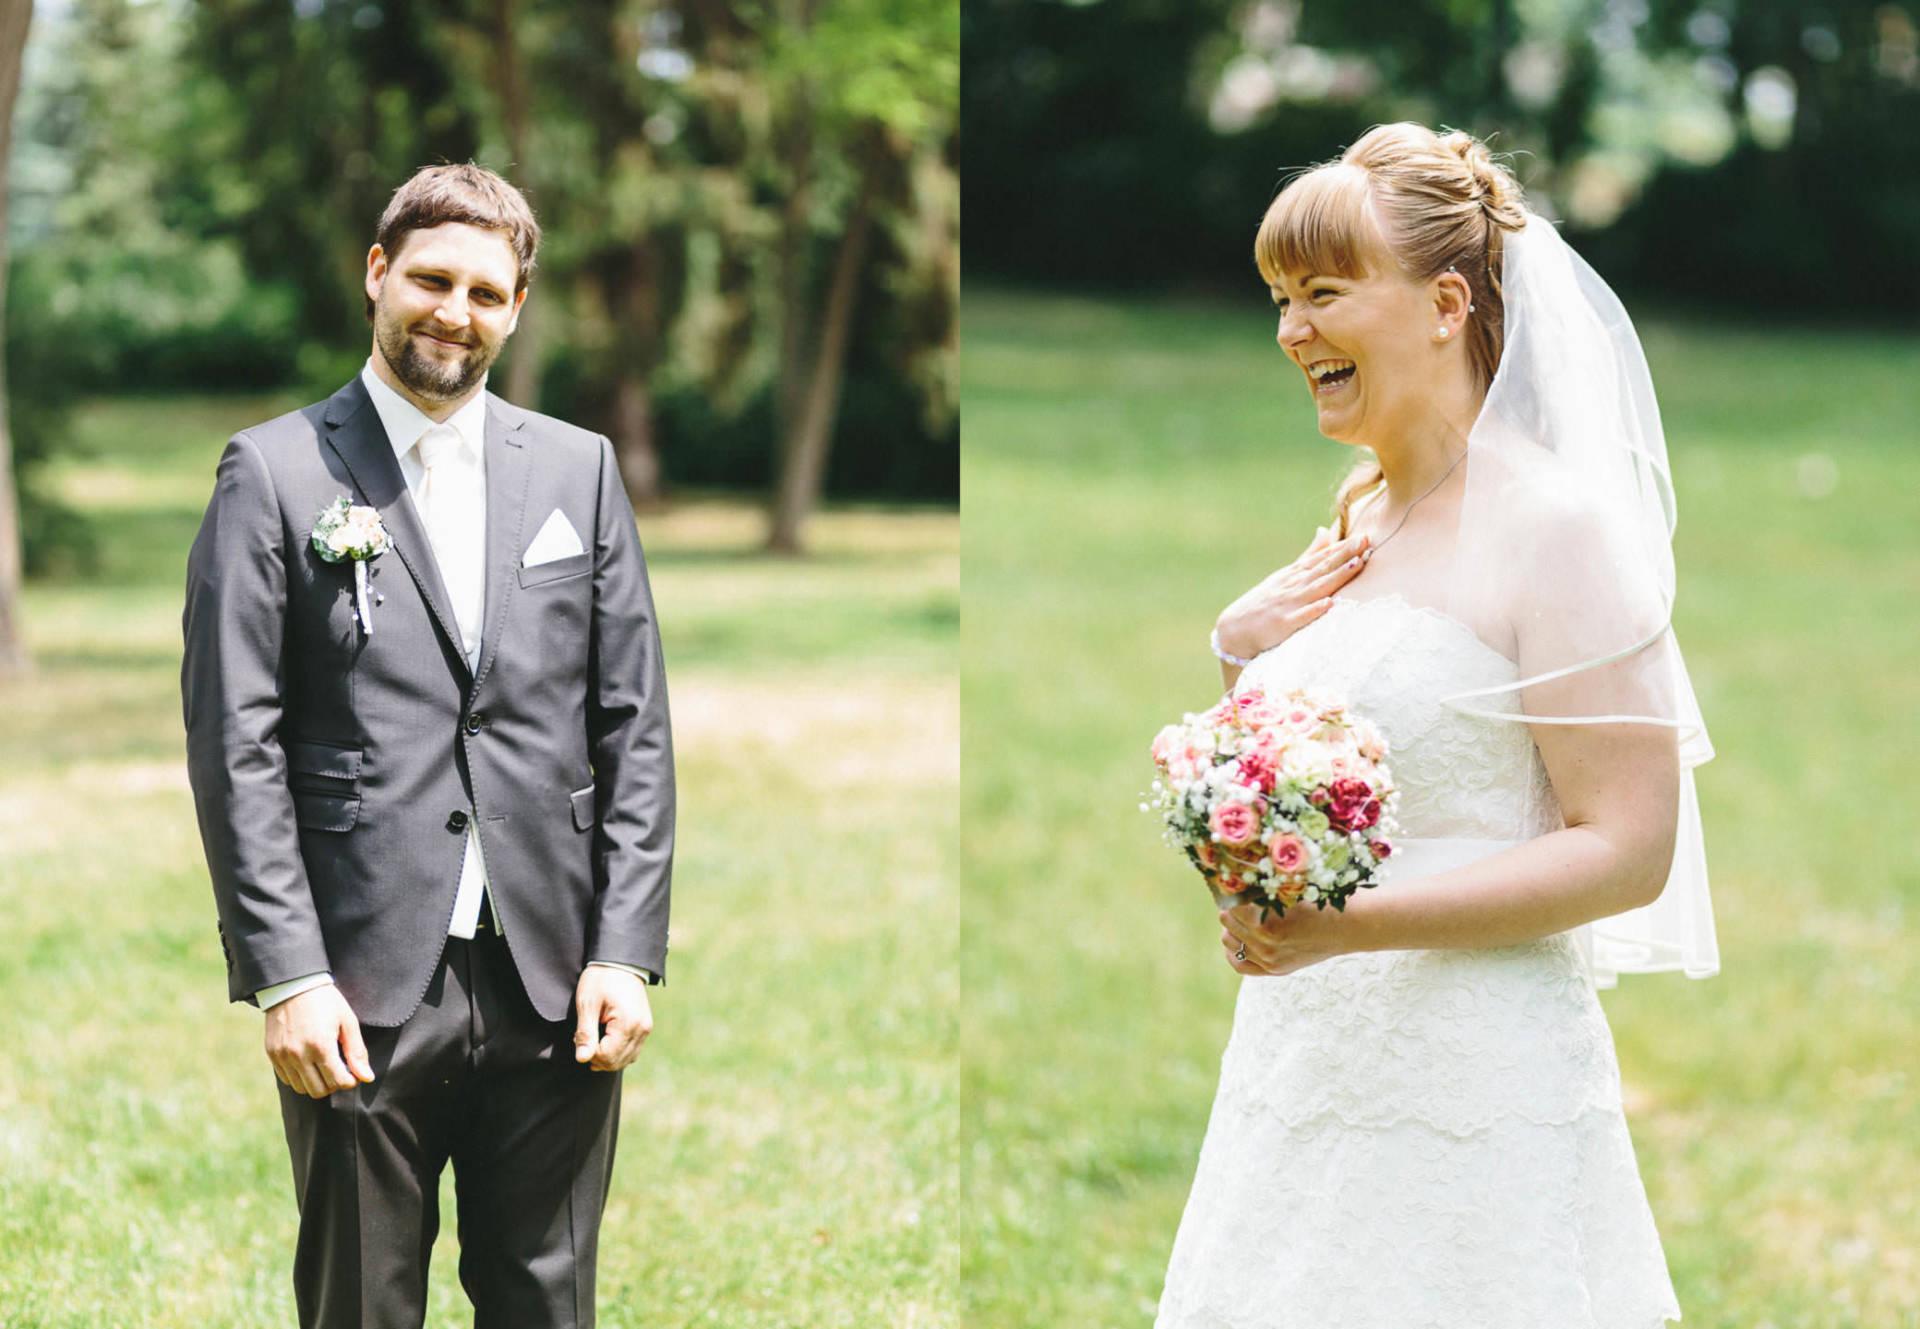 Bayrische Hochzeit Collage 1 - Bayrische Jagdhüttenhochzeit in Thüringen